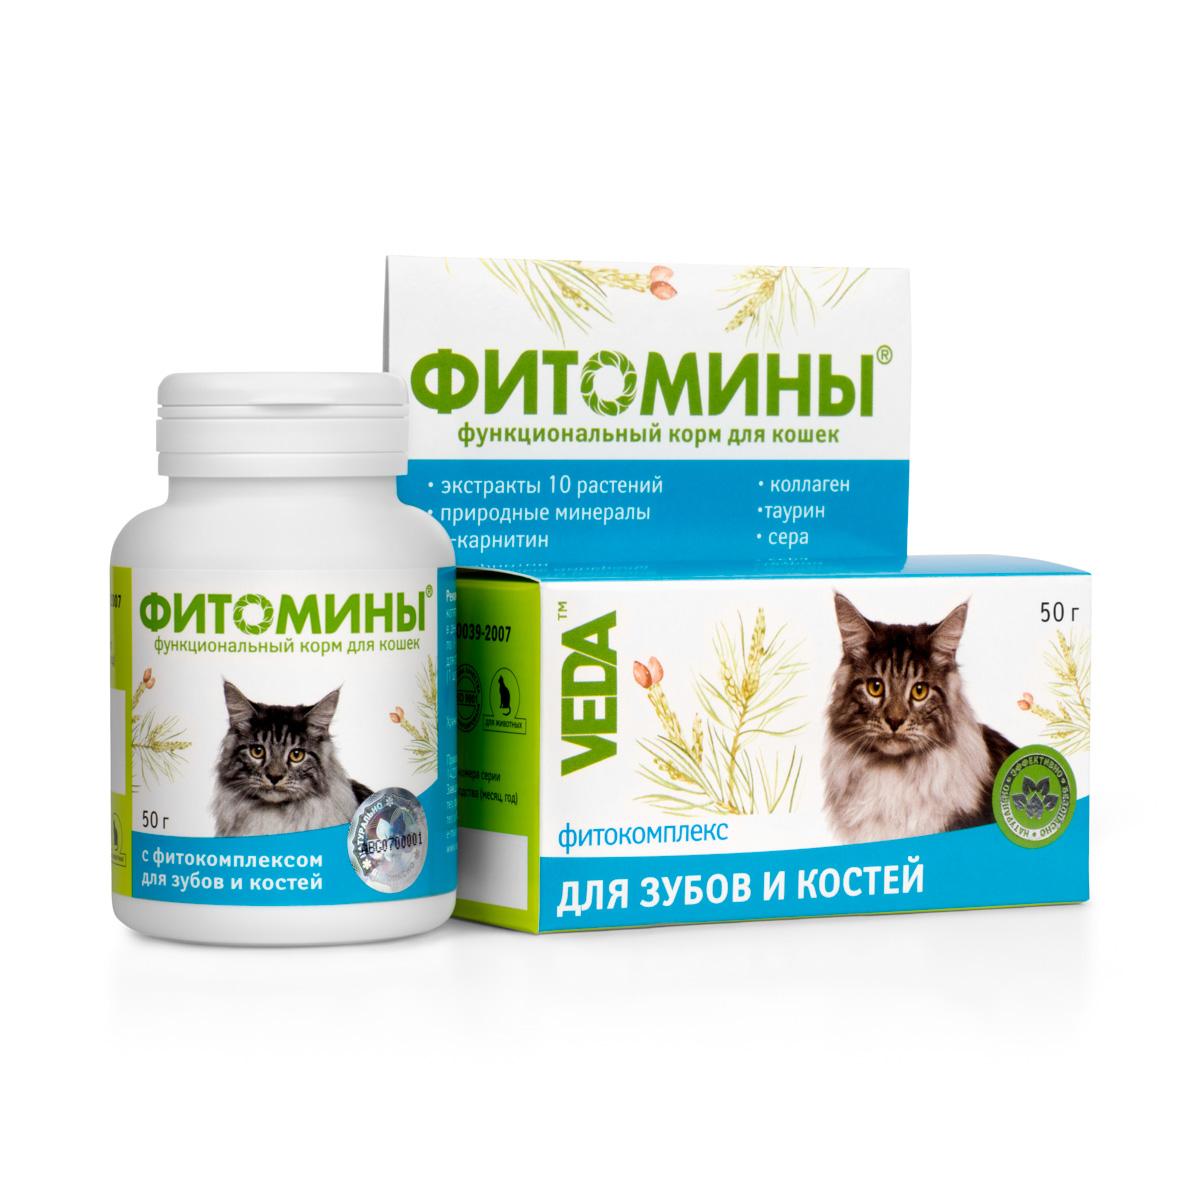 Фитомины функциональный корм для кошек с фитокомплексом для зубов и костей, 50 г4605543005862Регулируют фосфорно-кальциевый обмен организма. Применяют: - для щенков и котят; - для беременных и кормящих животных; - при заболеваниях костей и зубов - при пародонтозе; - при травматических повреждениях костей, мышц, сухожилий; - при кистах и опухолях костей; - при остеомиелитах, остеотомии; - при нарушениях роста; - при воспалительных заболеваниях сухожилий; - после хирургических операций; - при нарушении обмена минеральных веществ и вымывании кальция из костей; - при рахитах всех степеней;